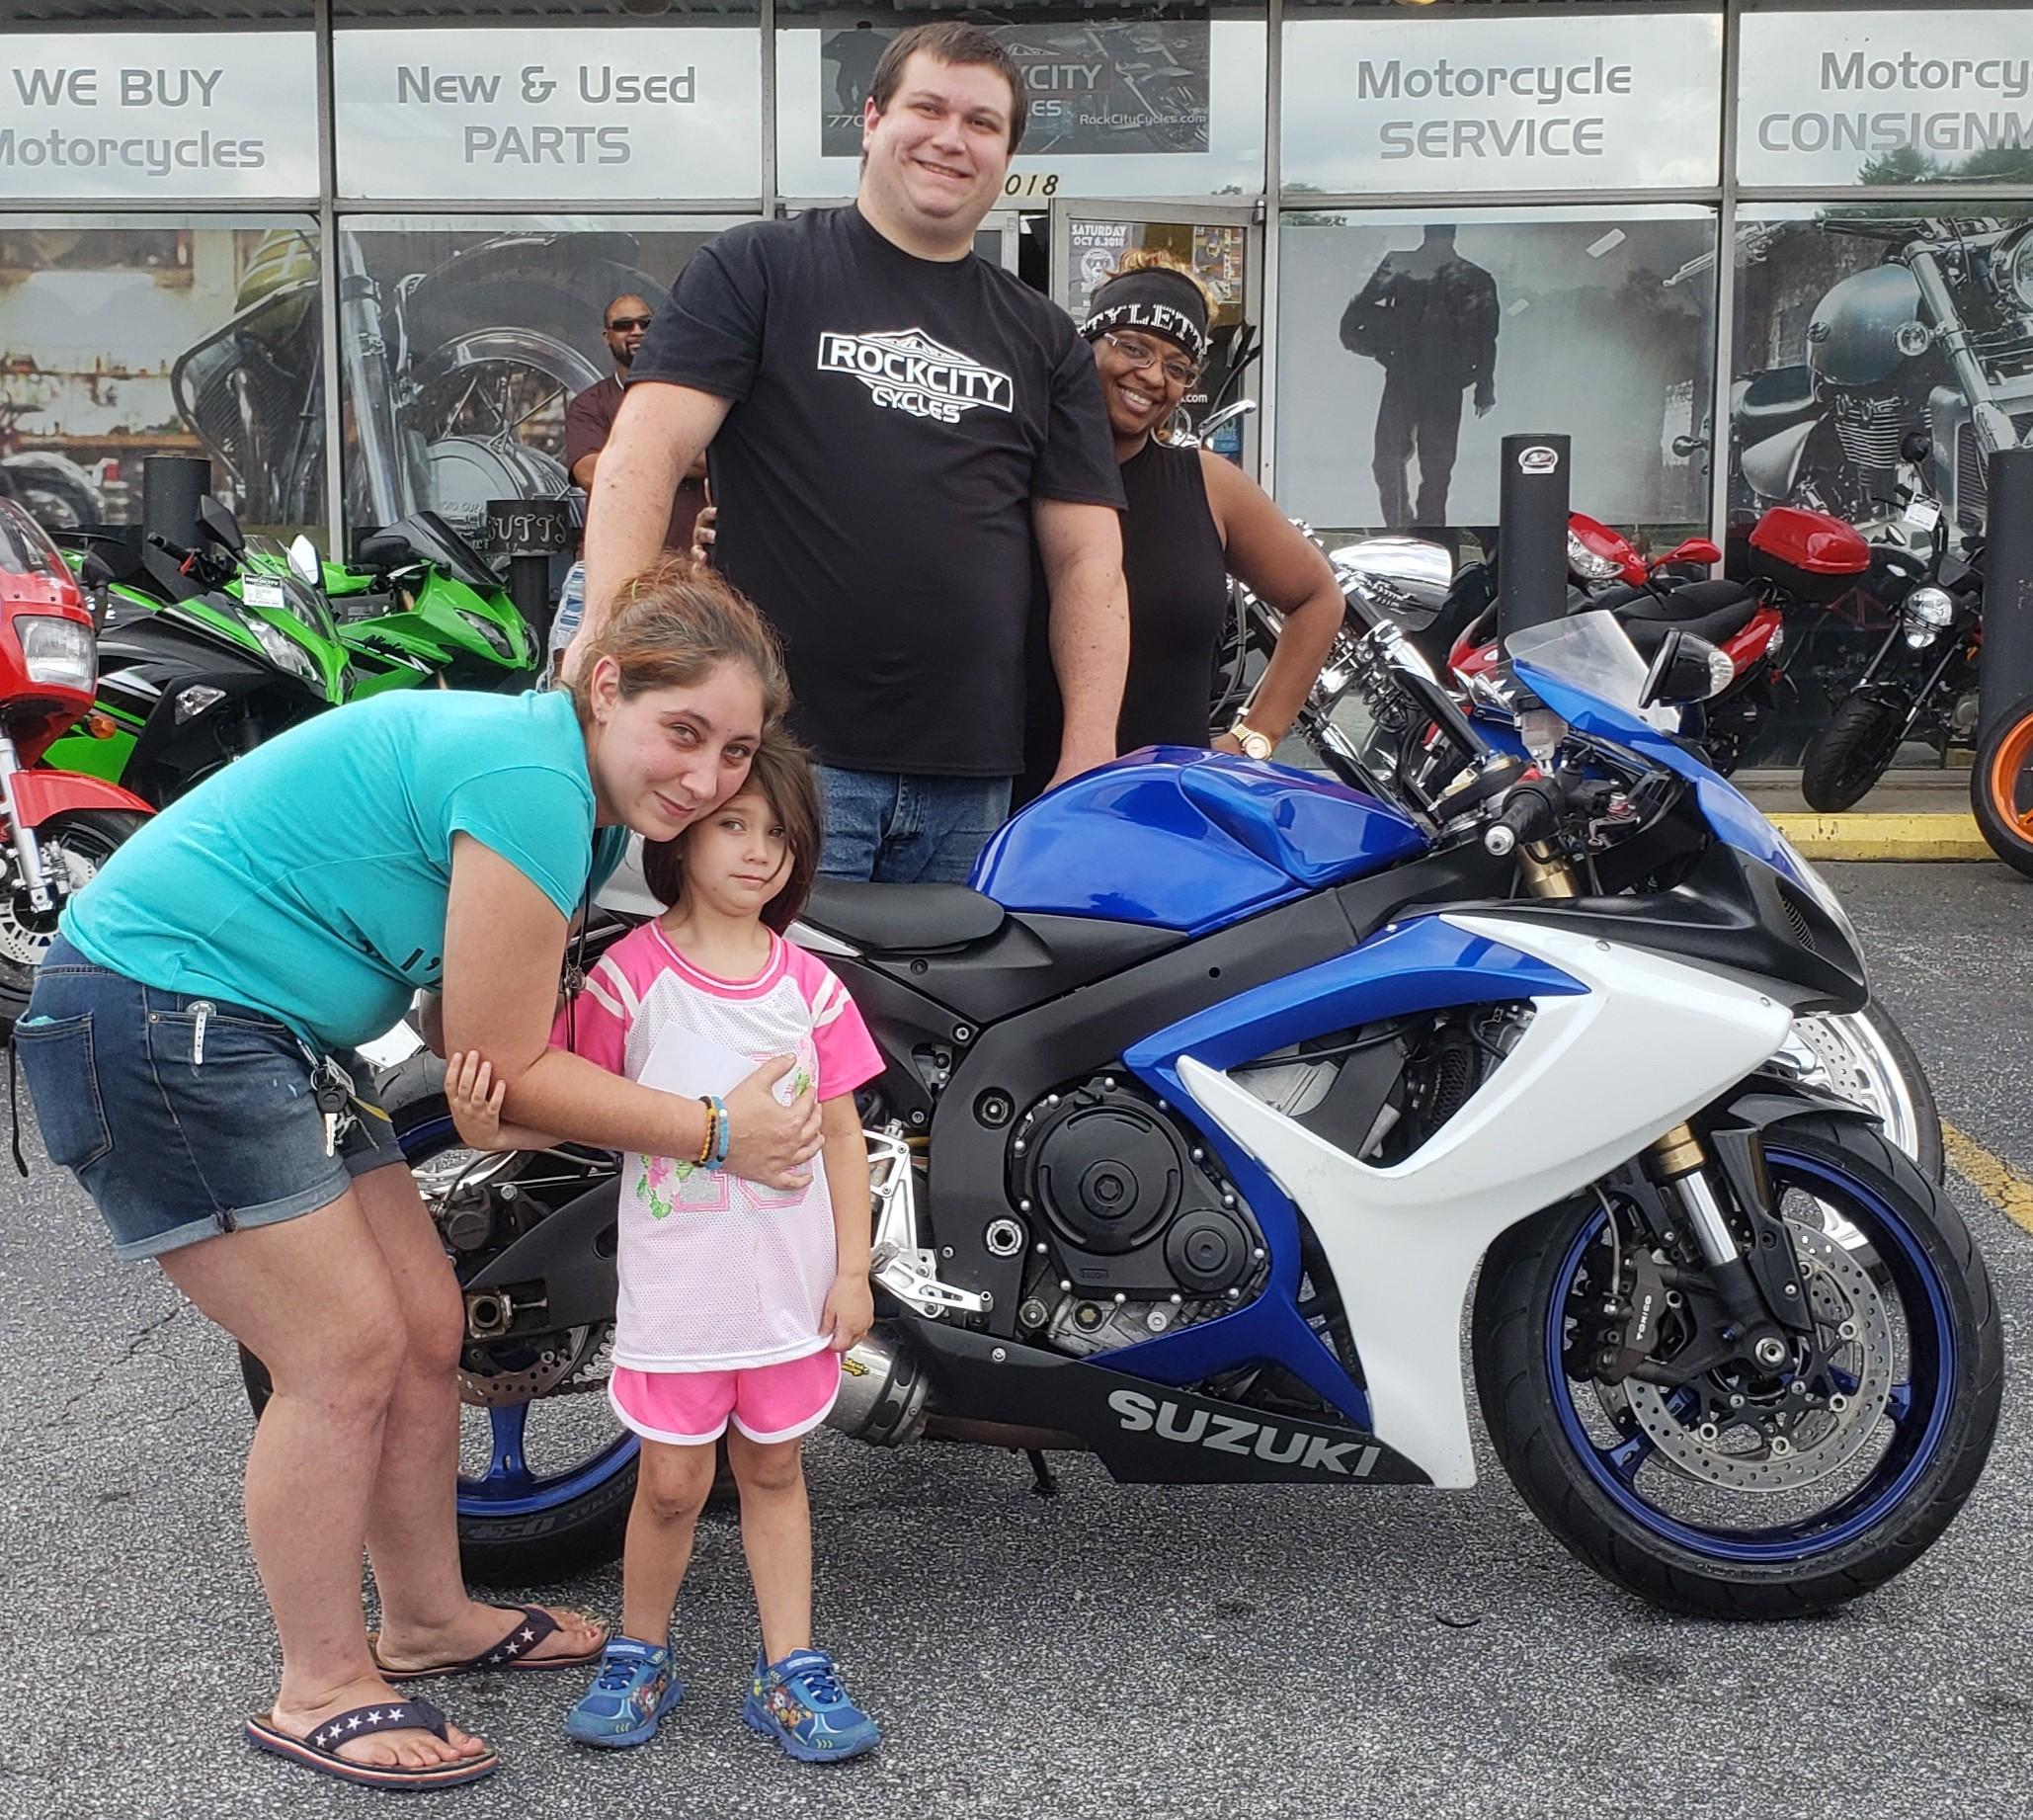 Curtis S. with his 2007 Suzuki GSX-R600